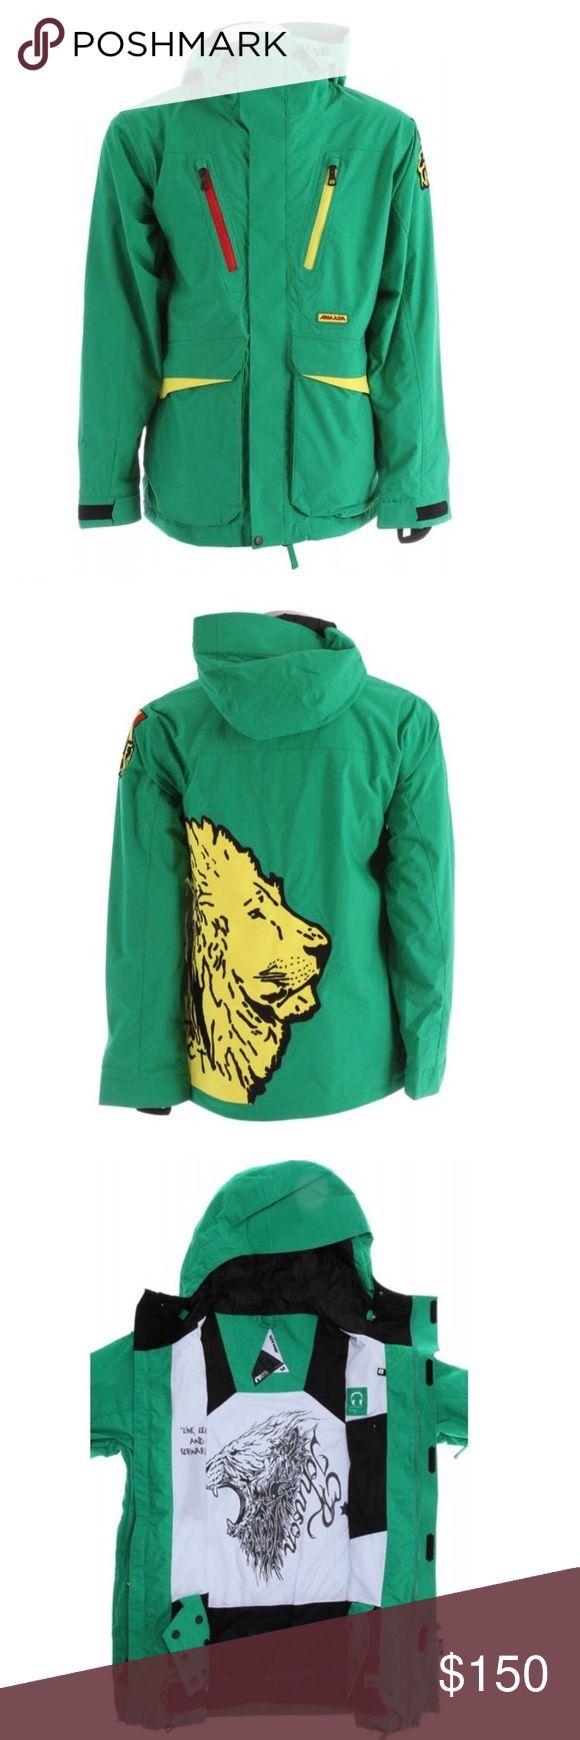 I just added this listing on Poshmark: EUC Armada Ski Jacket Sz M. #shopmycloset #poshmark #fashion #shopping #style #forsale #Armada #Other